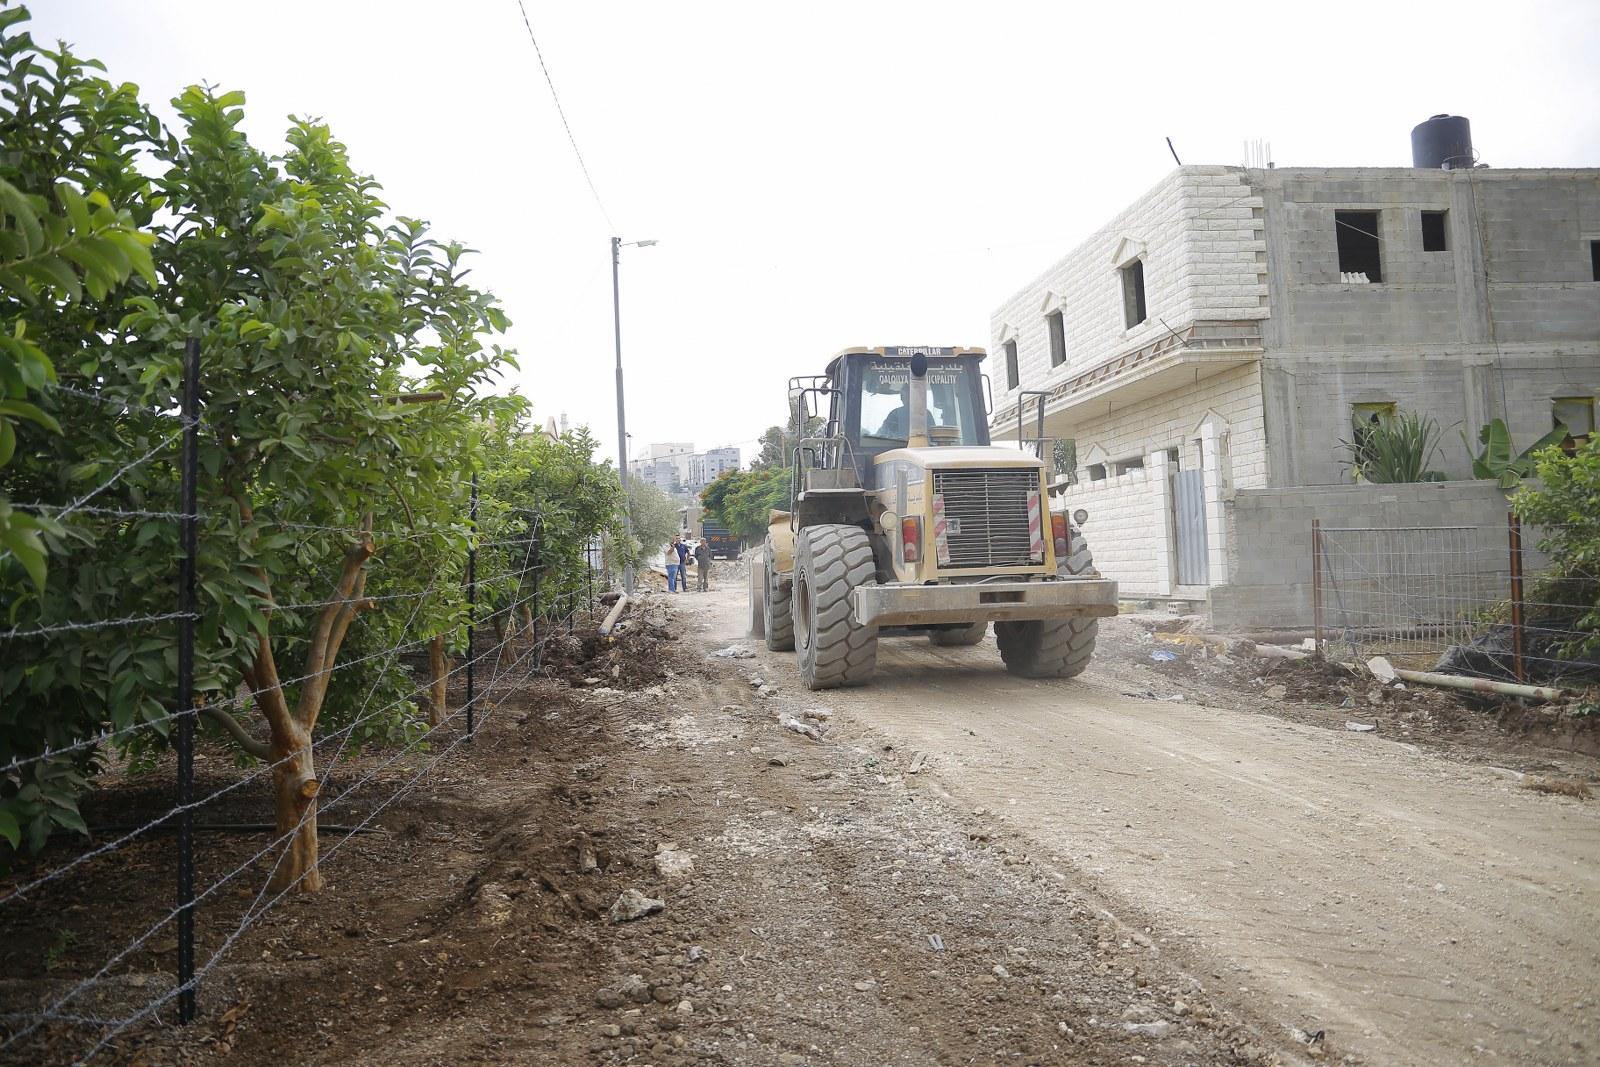 اعمال شق طريق في منطقة المرج